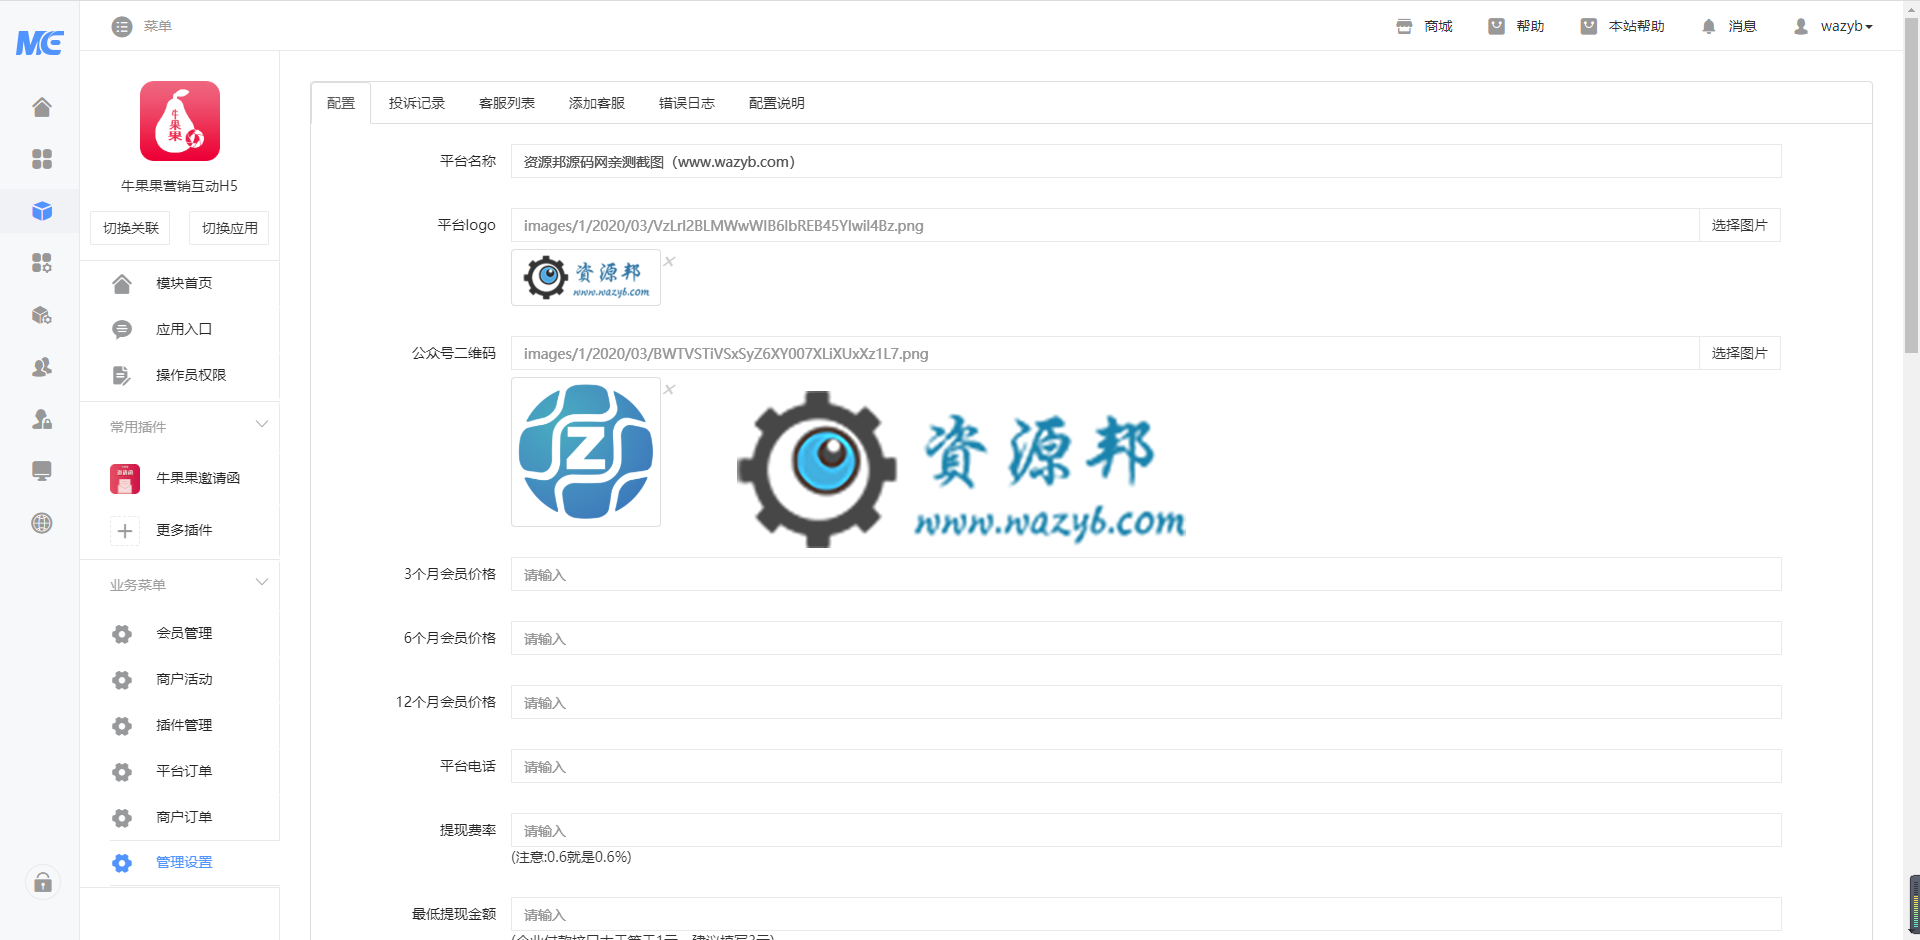 【公众号应用】牛果果营销互动H5应用V1.0.18全开源解密版+牛果果邀请函插件,优化后台删除活动,优化部分数据库字段 公众号应用 第2张